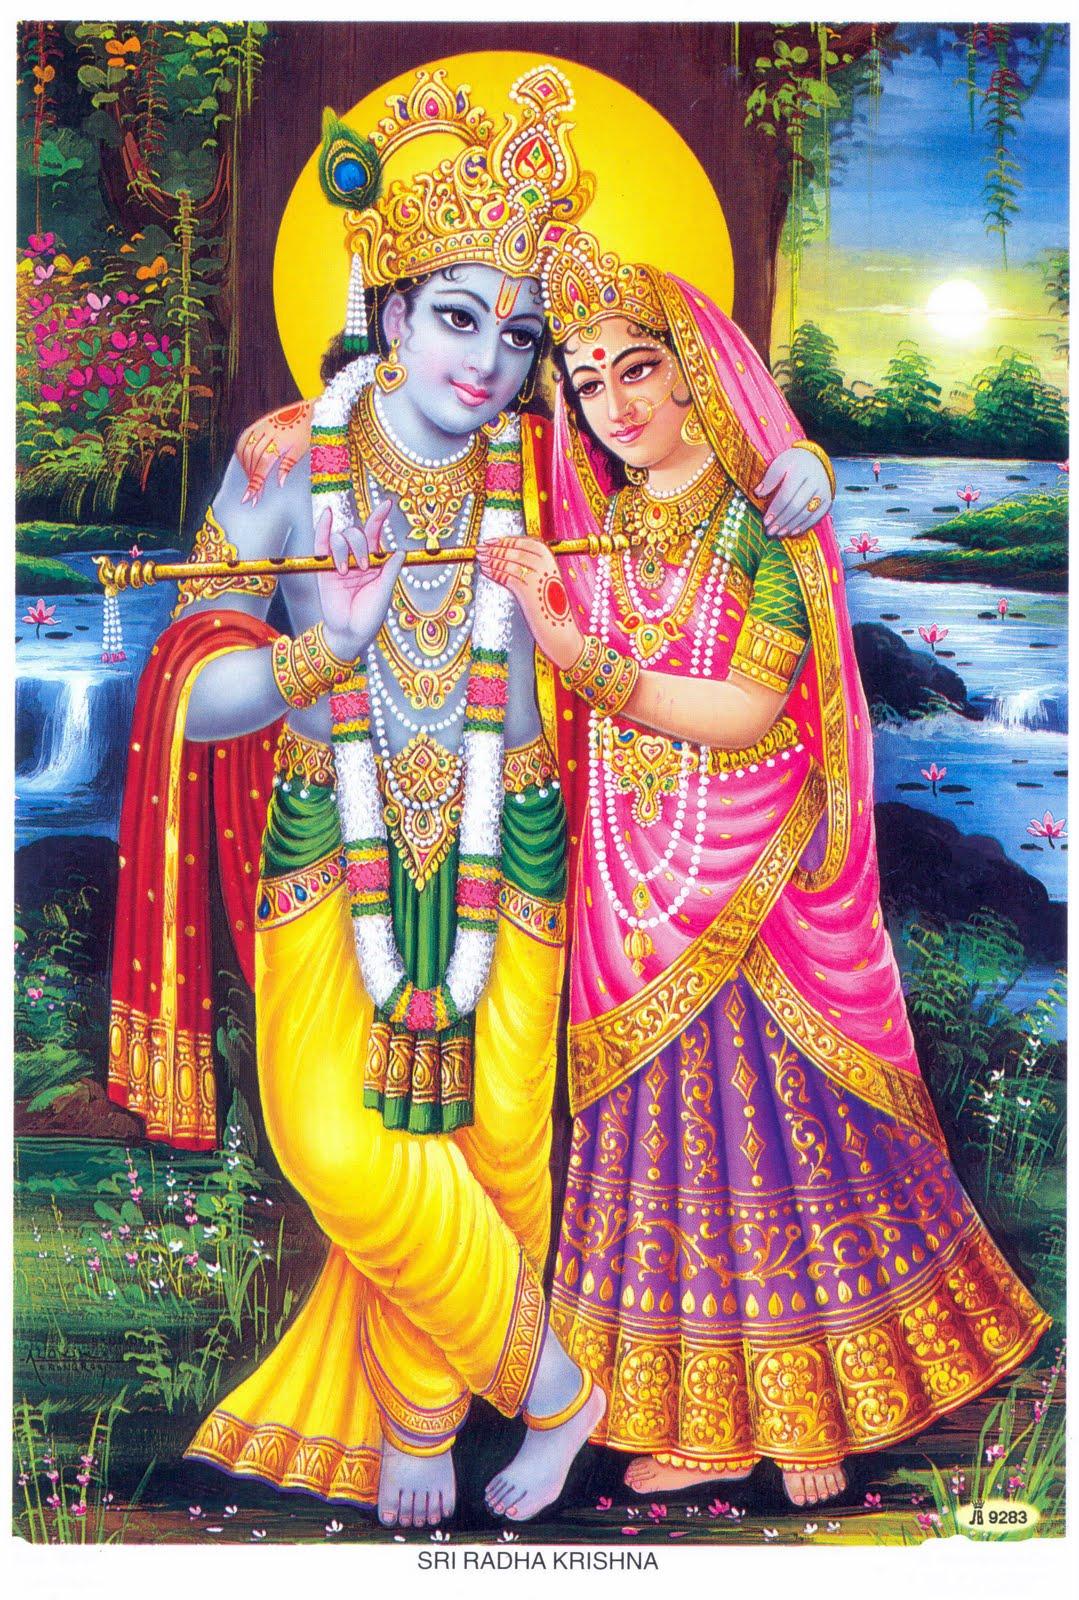 http://2.bp.blogspot.com/-SENHue8TwIs/TwysL022YRI/AAAAAAAAAo4/d_47W_a-GCc/s1600/Lord-Radha-Krishna-Wallpapers-3.jpg